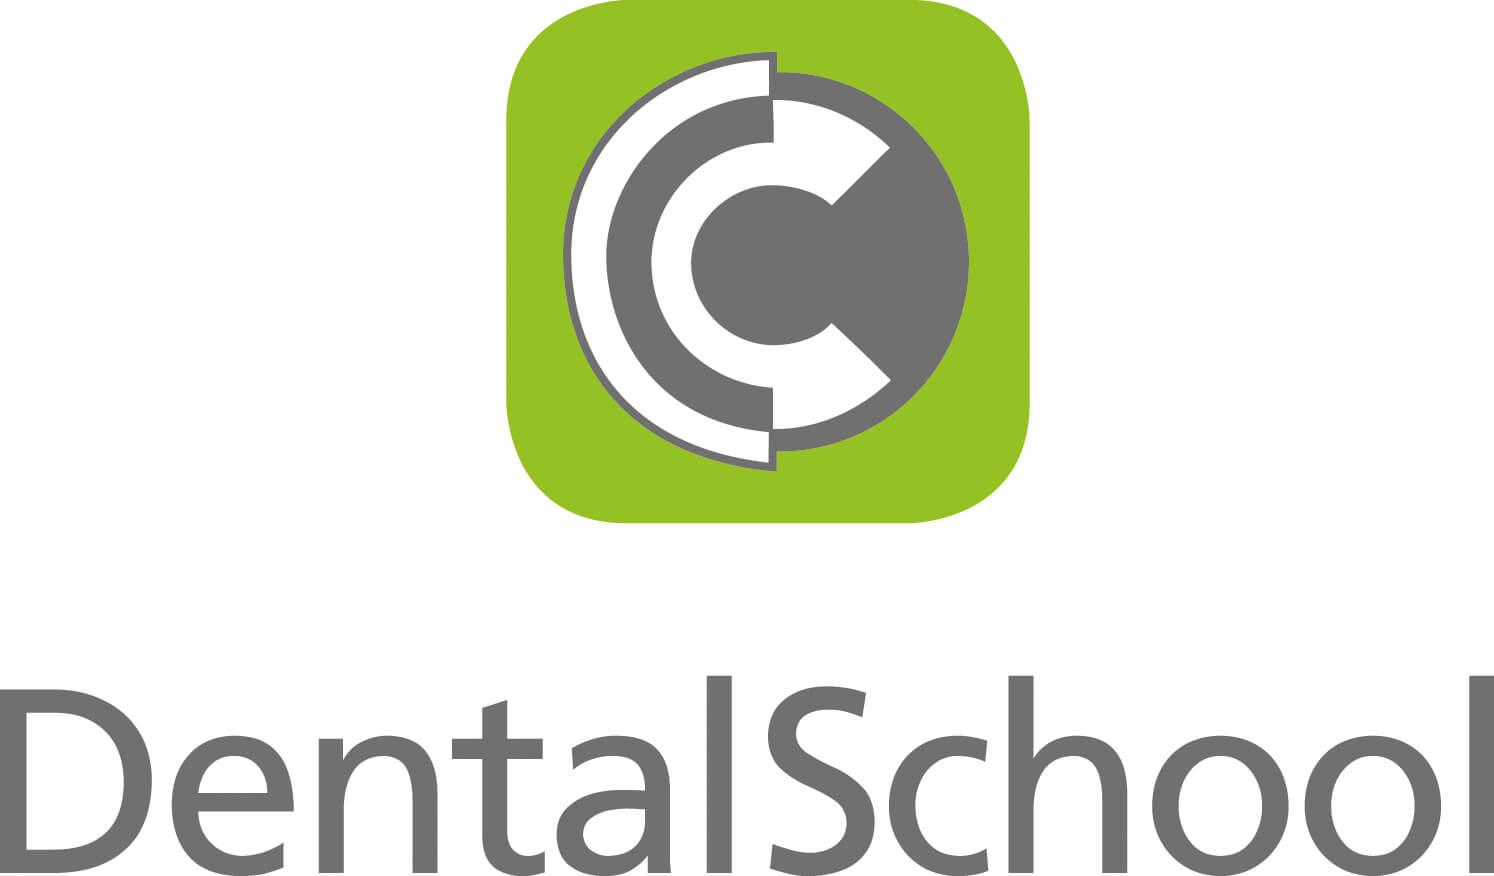 Partner - DentalSchool GmbH ausgeschrieben mit grün/grauen Icon darüber